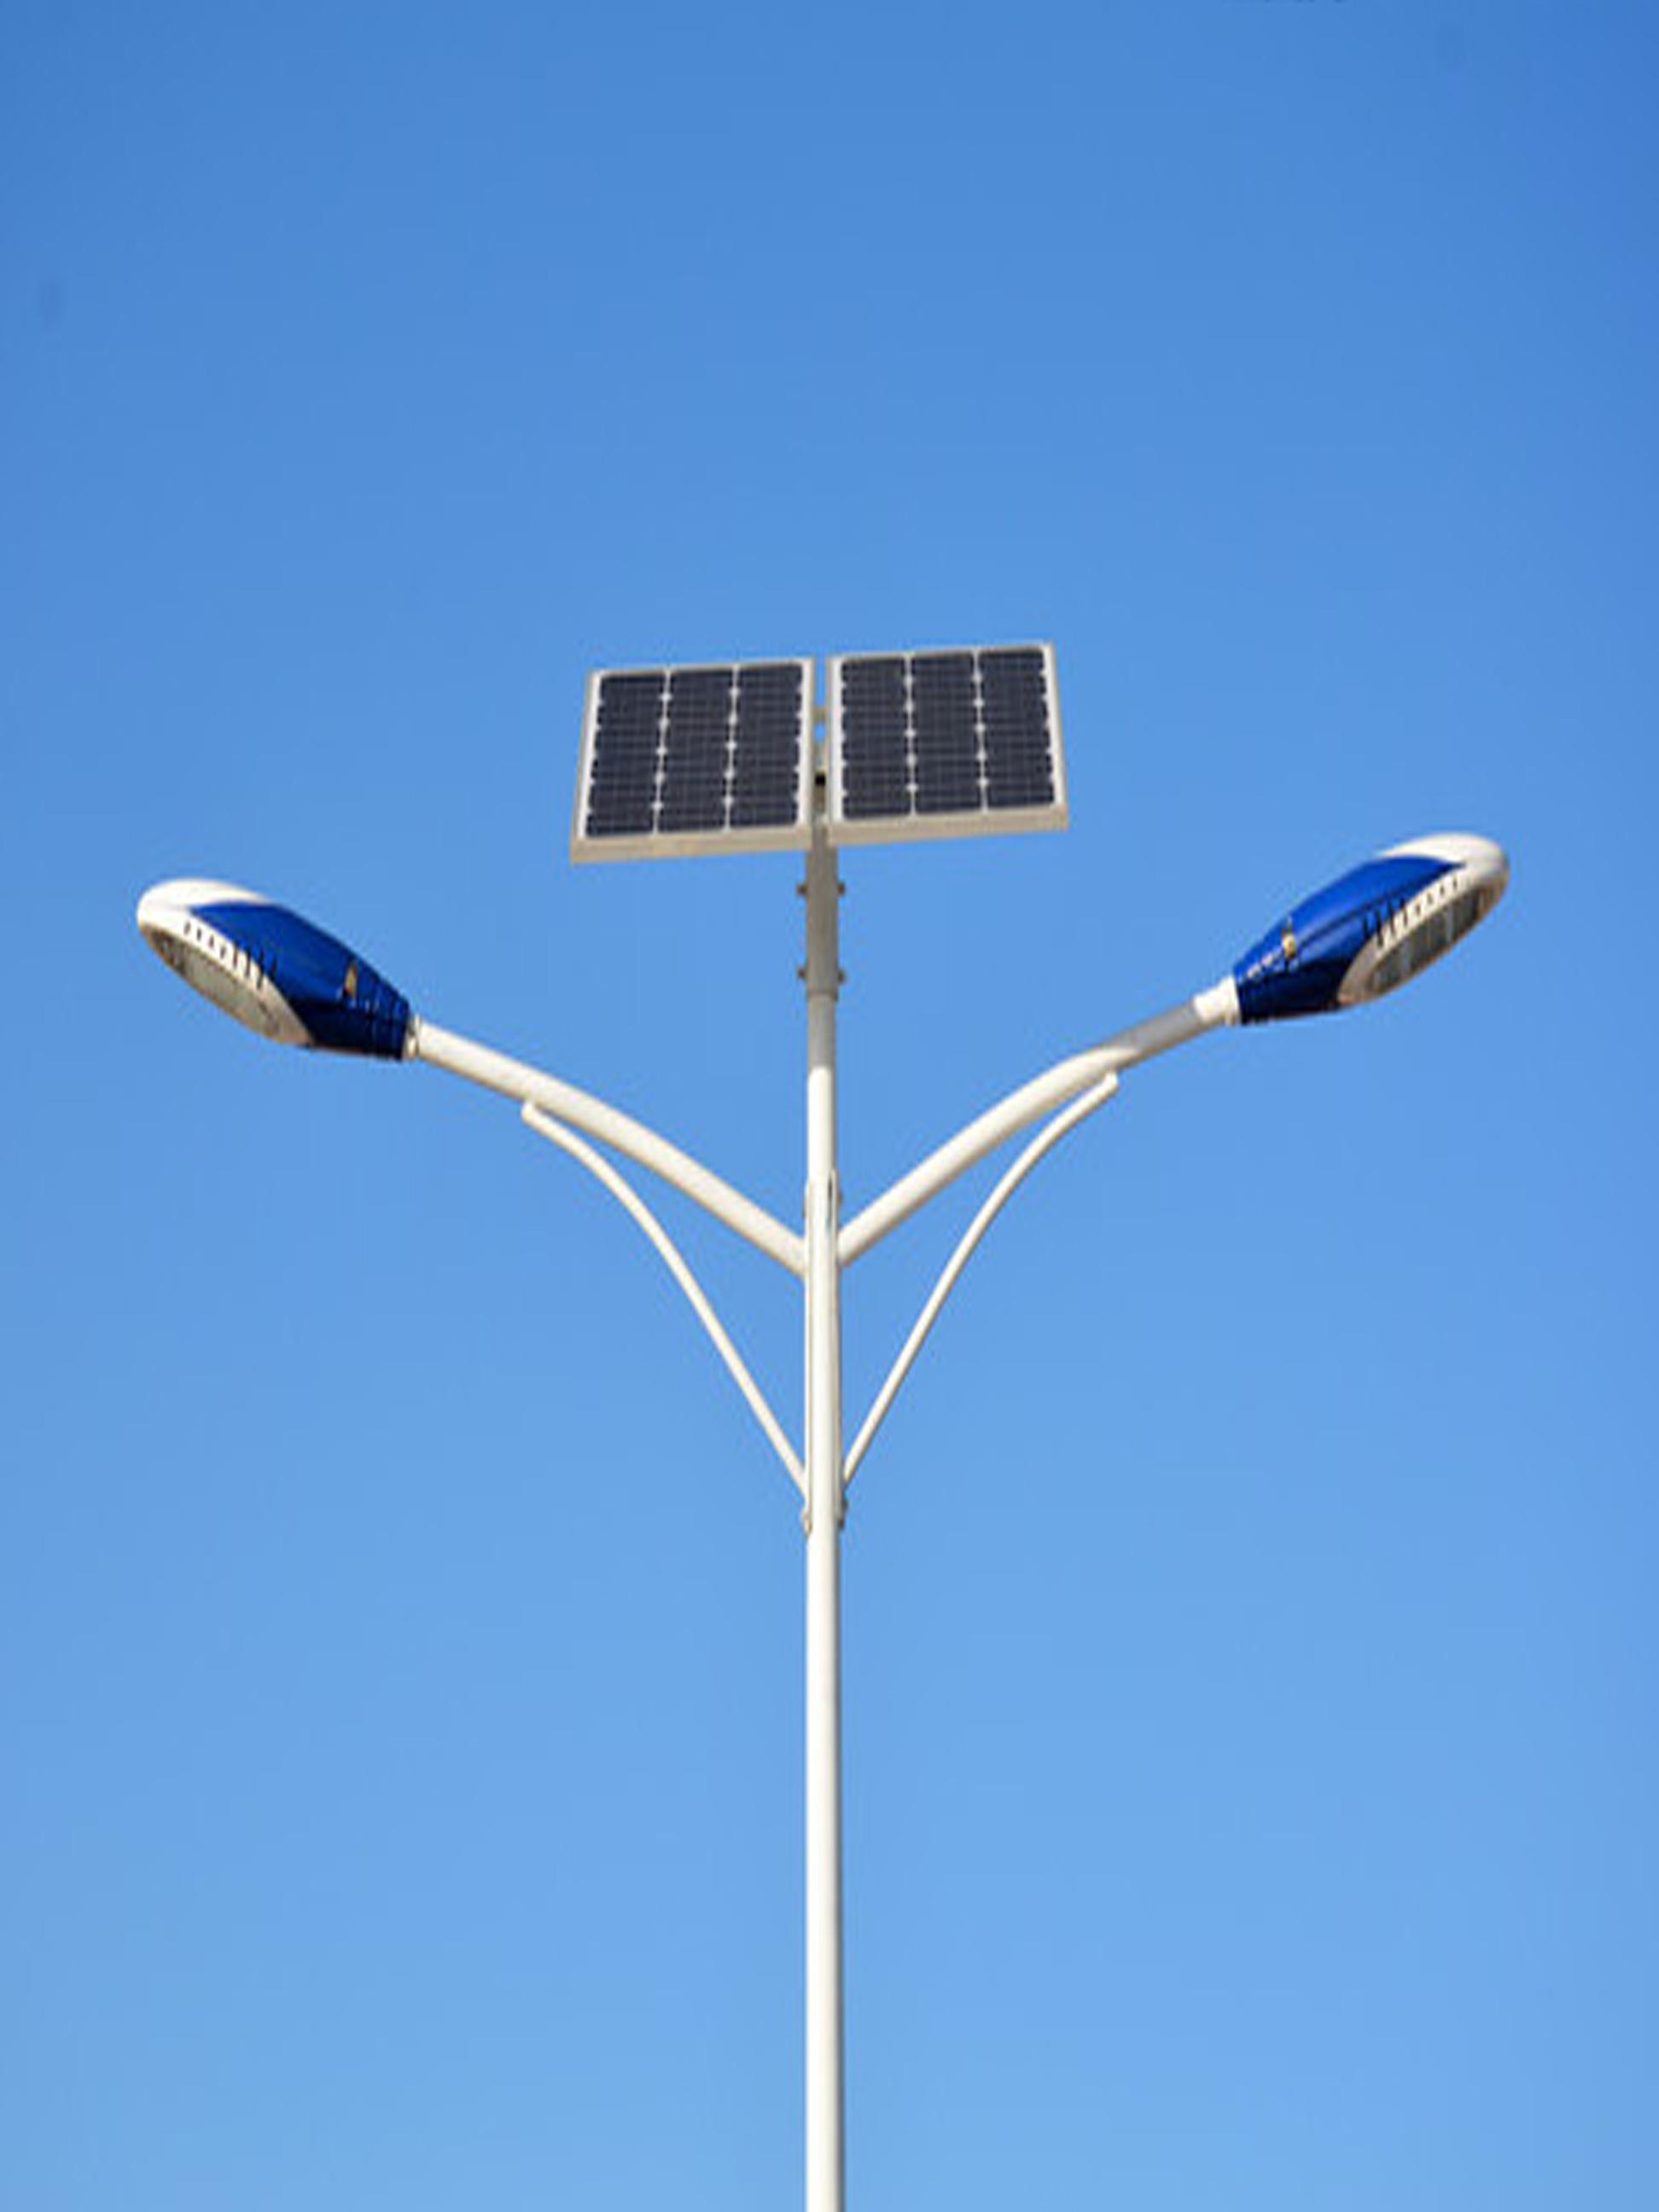 太陽能路燈節能環保